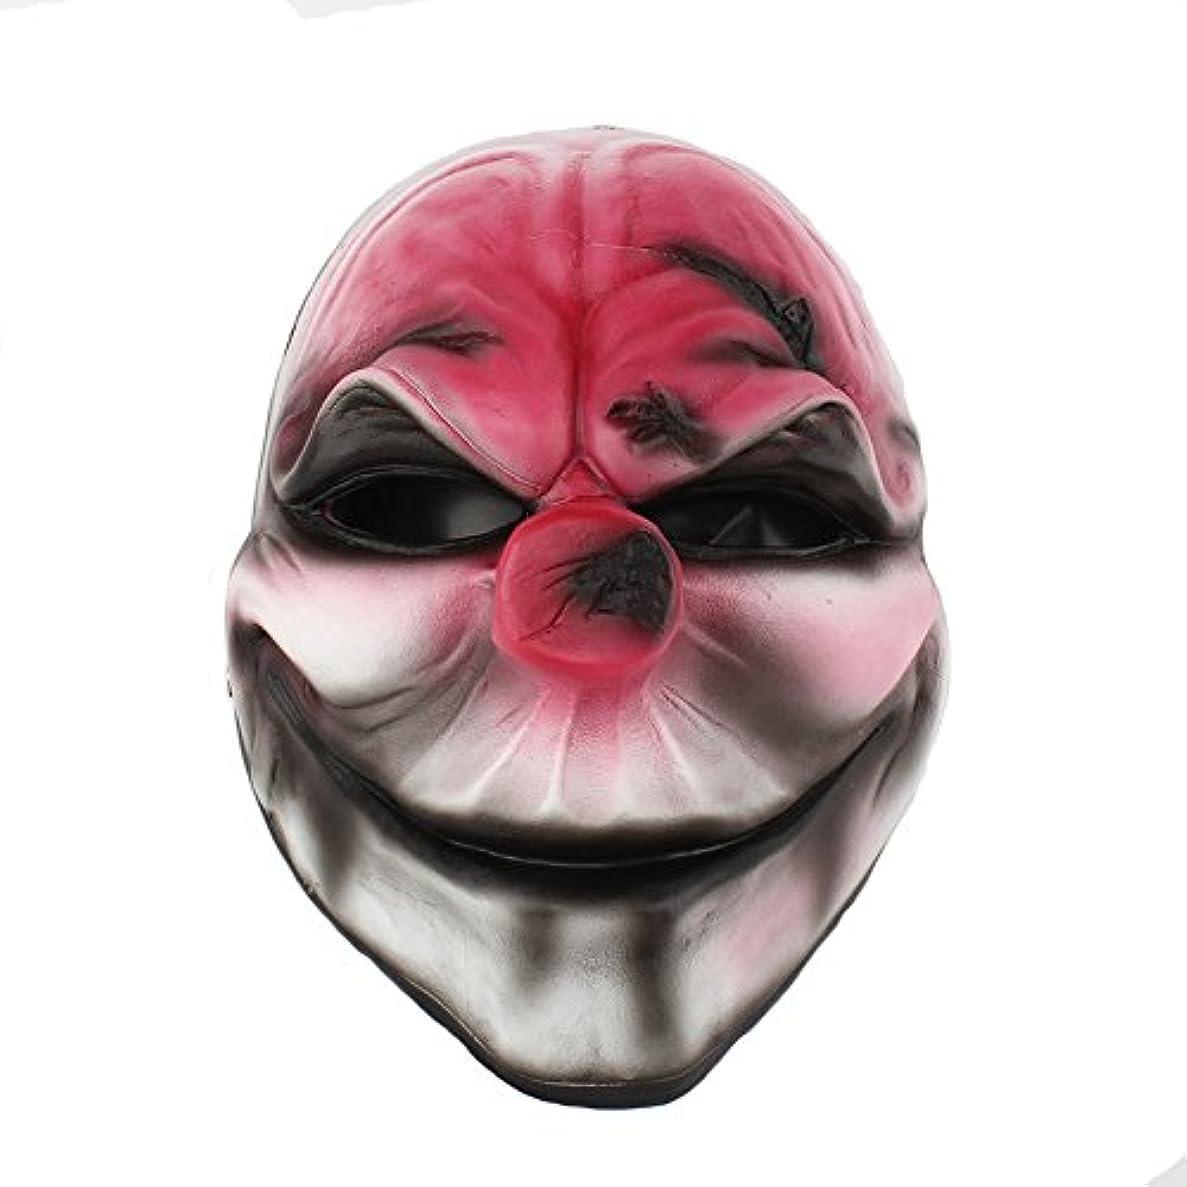 カプラー後継ロマンスハロウィーン仮装パーティーキャラクタードレスアップ樹脂マスク